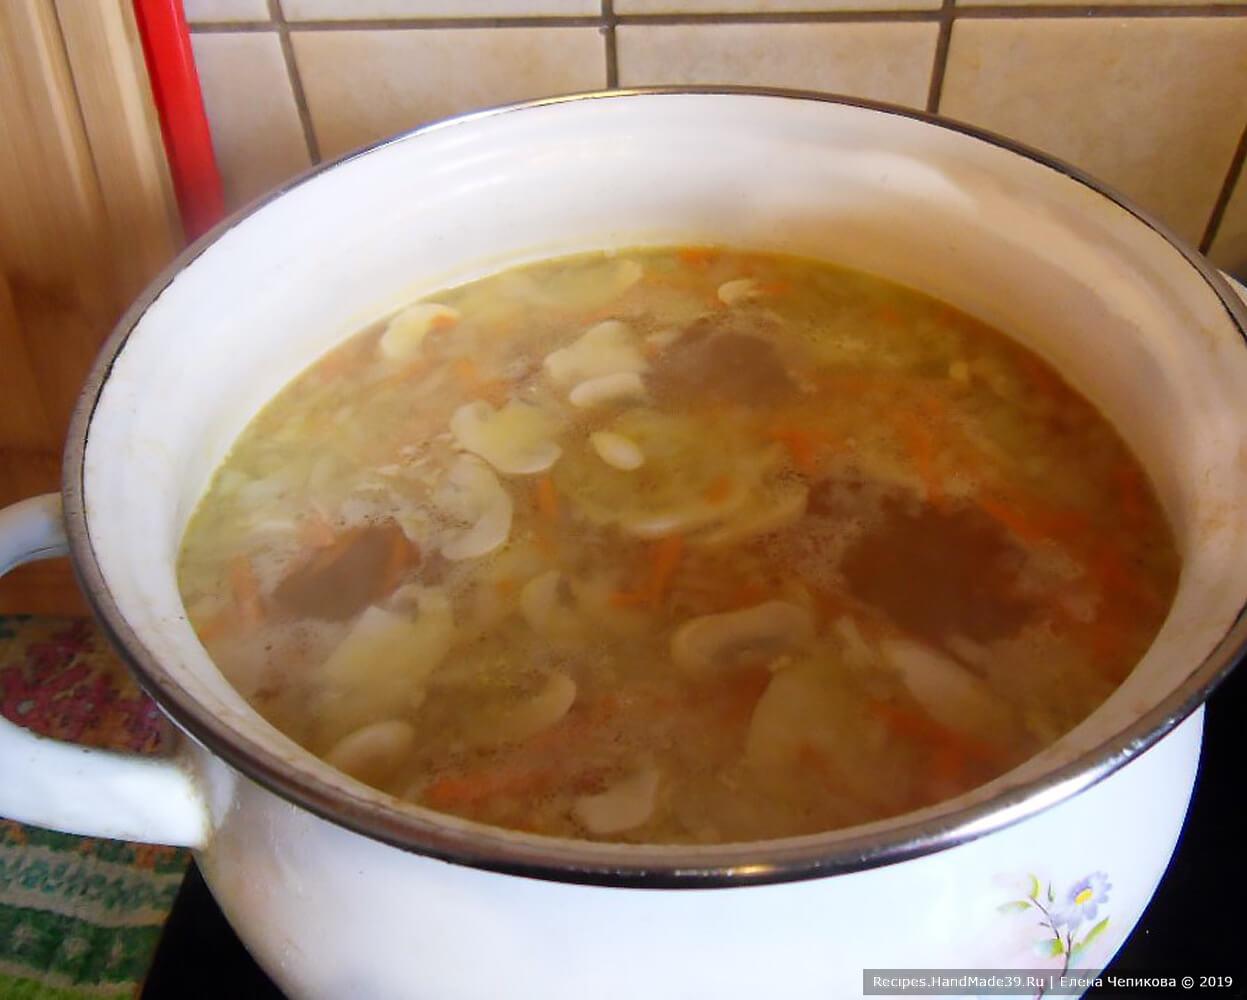 Добавить в суп обжаренные овощи и грибы, варить до готовности